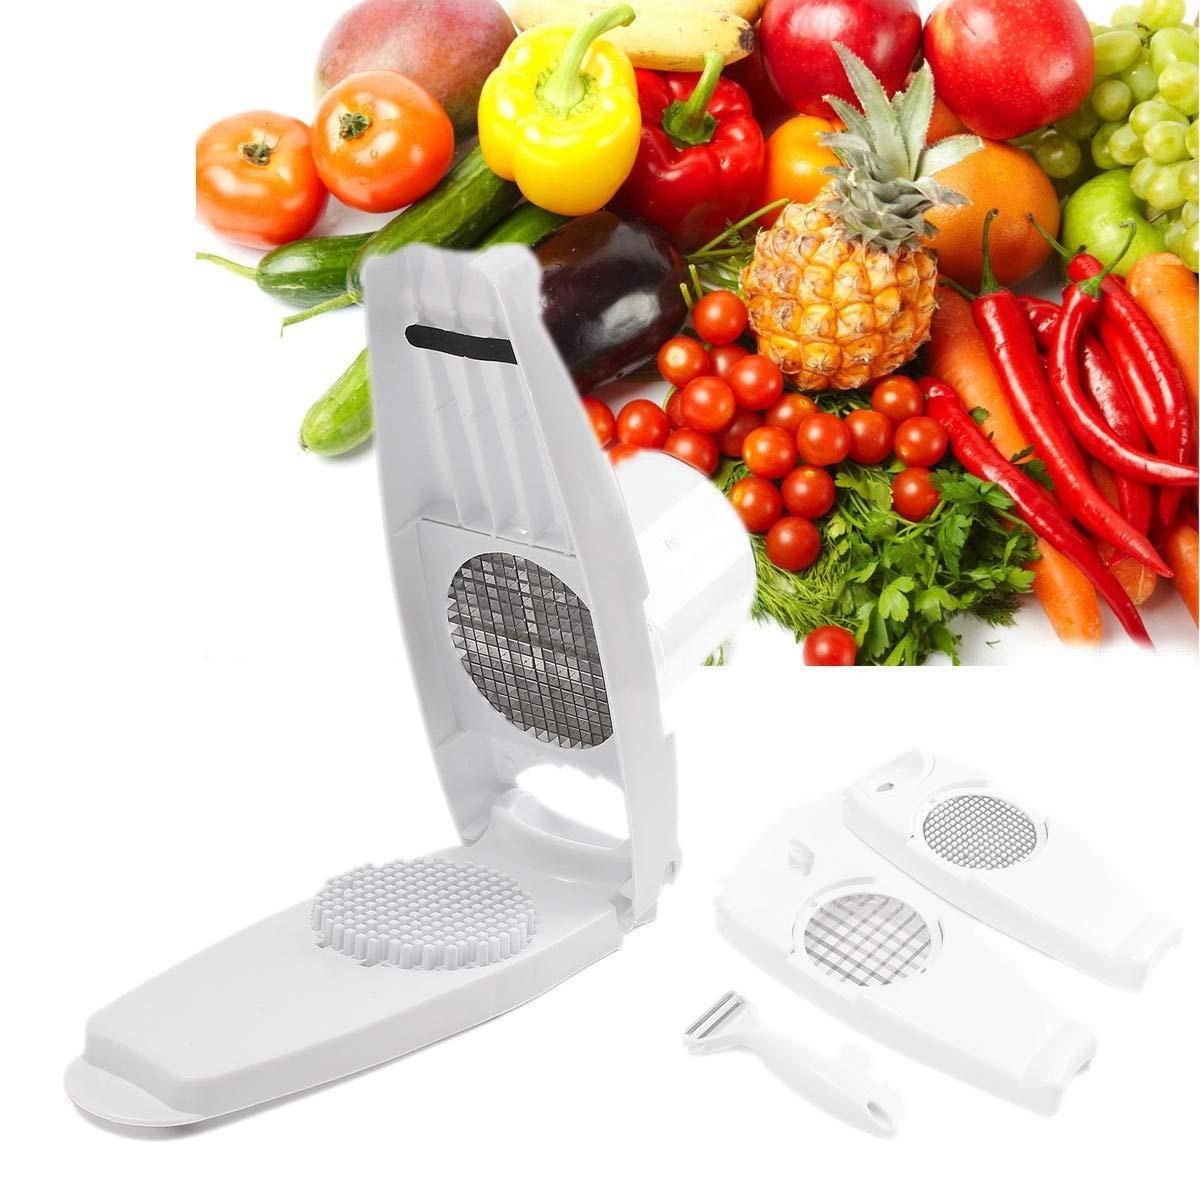 Super Slicer - Slicer Cut Fries Vegetable Salad Fruit Peeler Cutter Chopper Grater - Fruit Knife Vegetables Mandolin Clay Piece Cook Cooks 13 Works